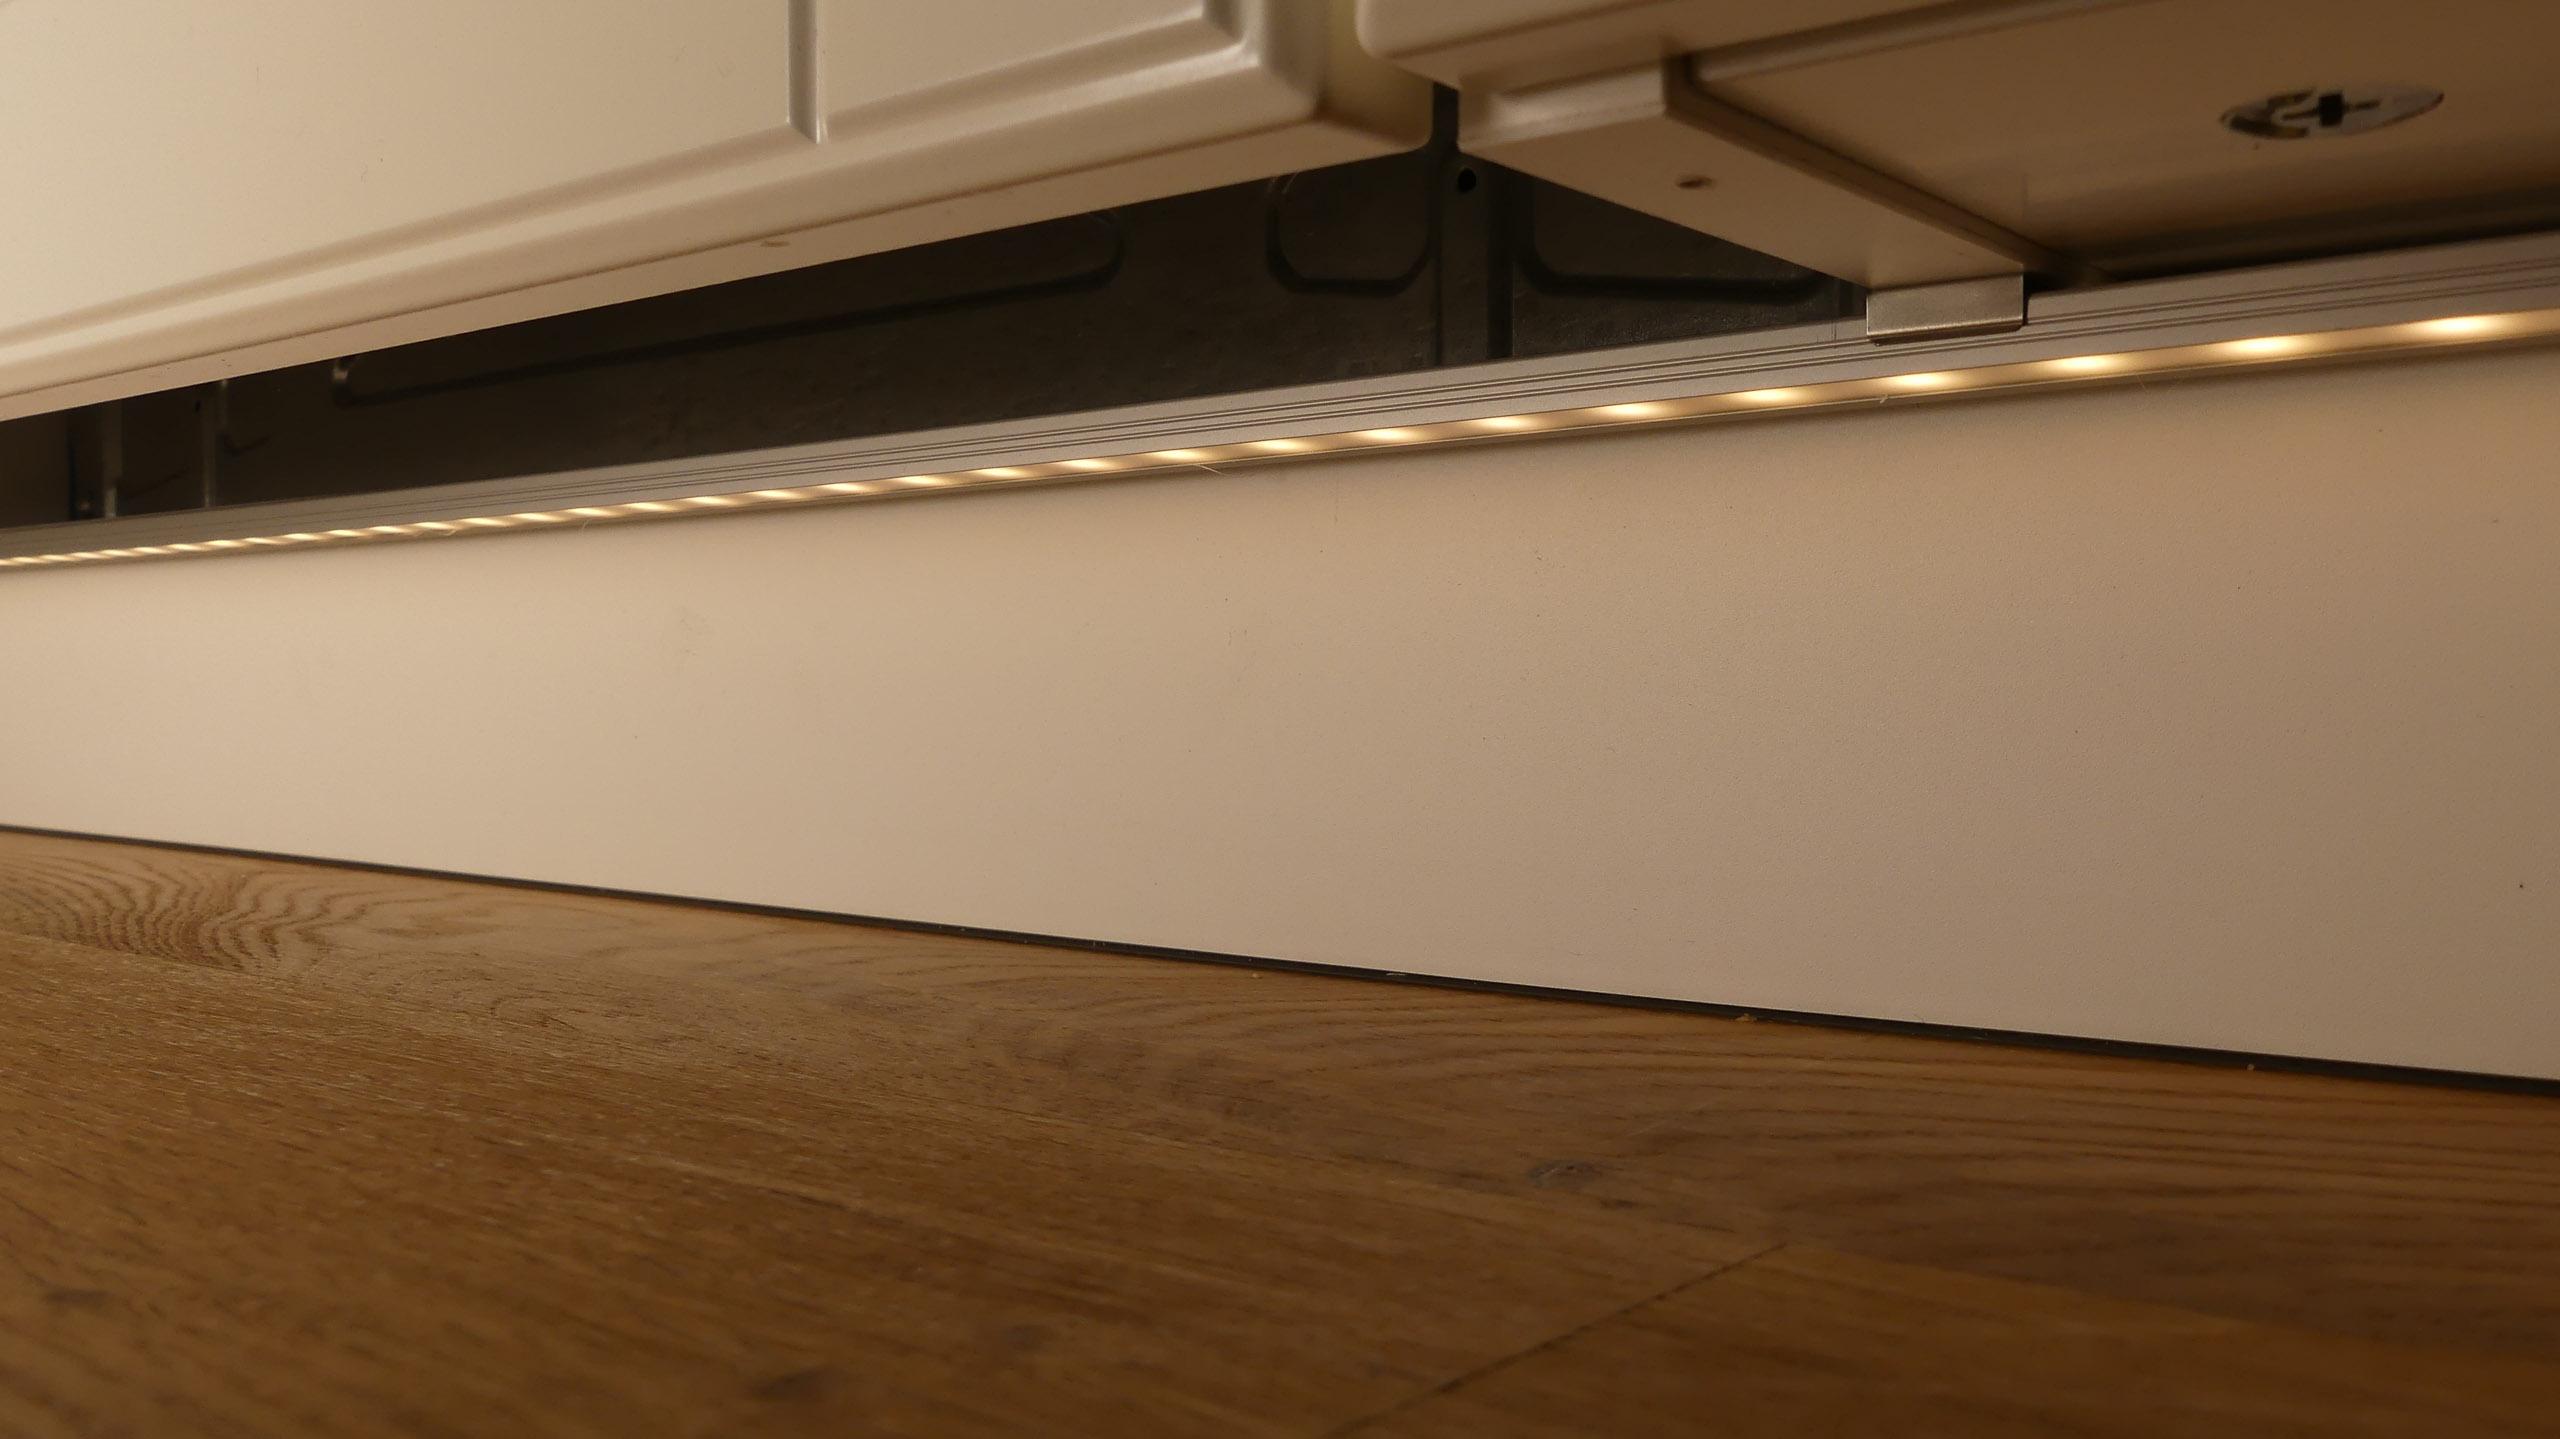 LED Lighting – Ikea Kitchen